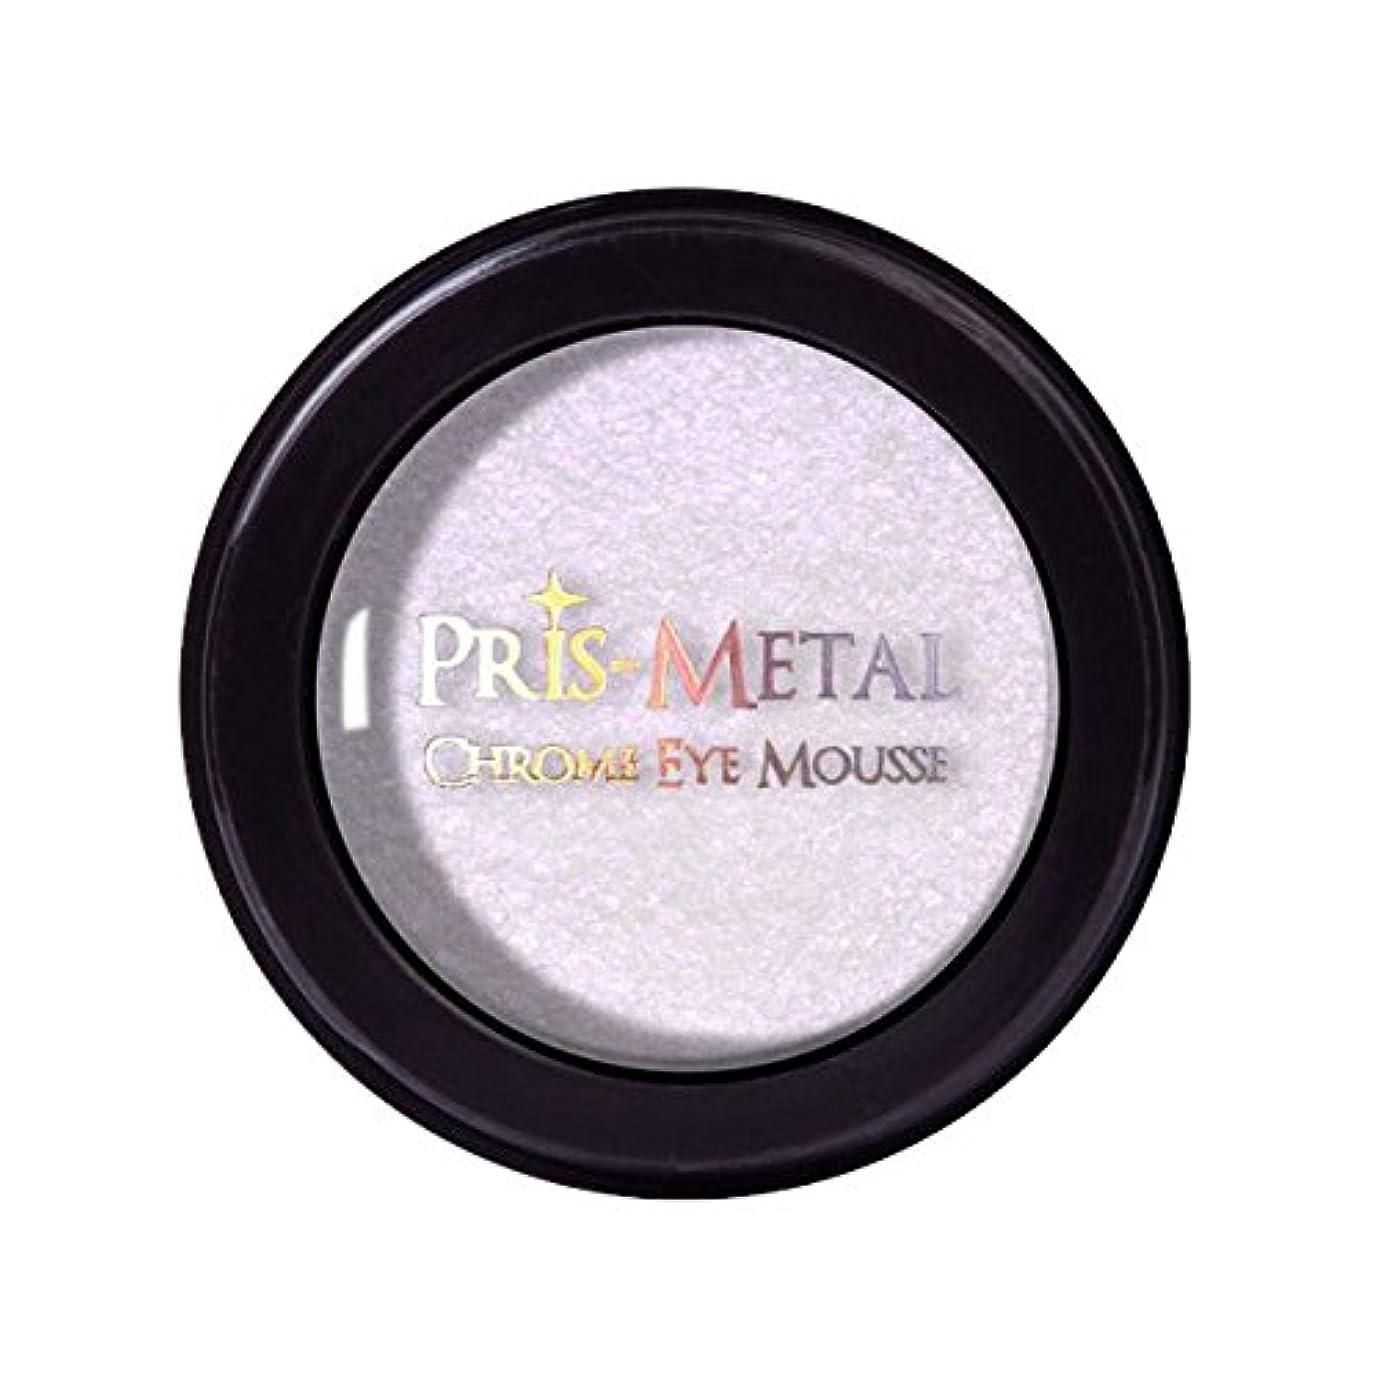 文房具他にヘビーJ. CAT BEAUTY Pris-Metal Chrome Eye Mousse - Pinky Promise (並行輸入品)